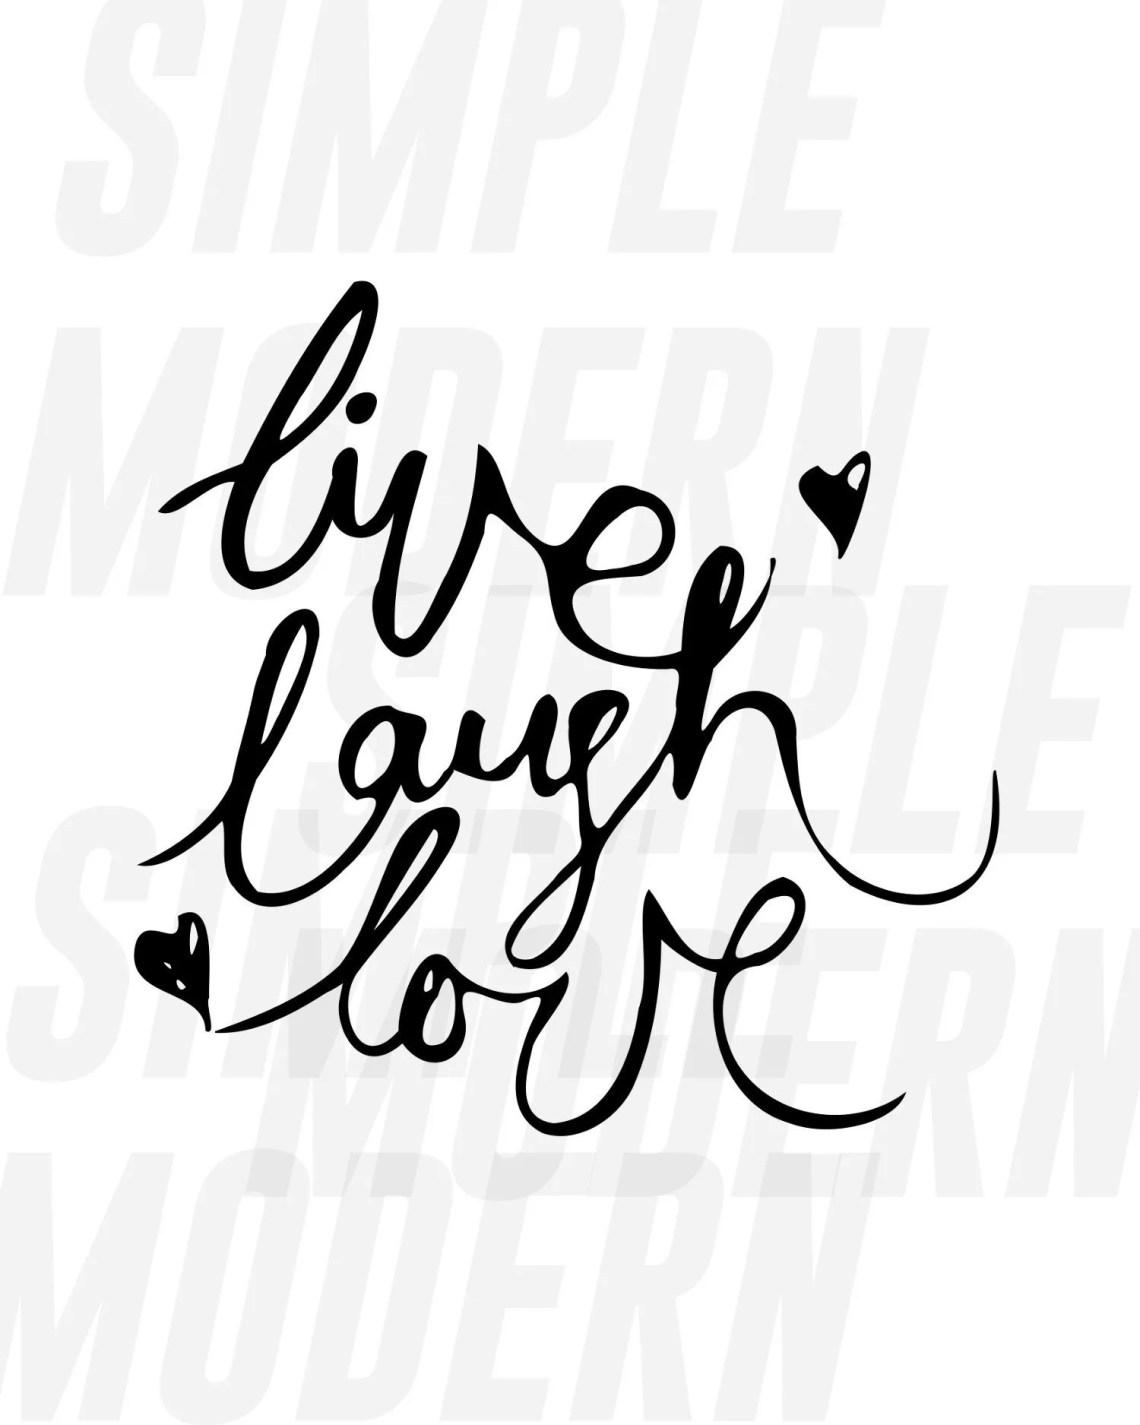 Download Live Laugh Love SVG - Simple Modern SVG